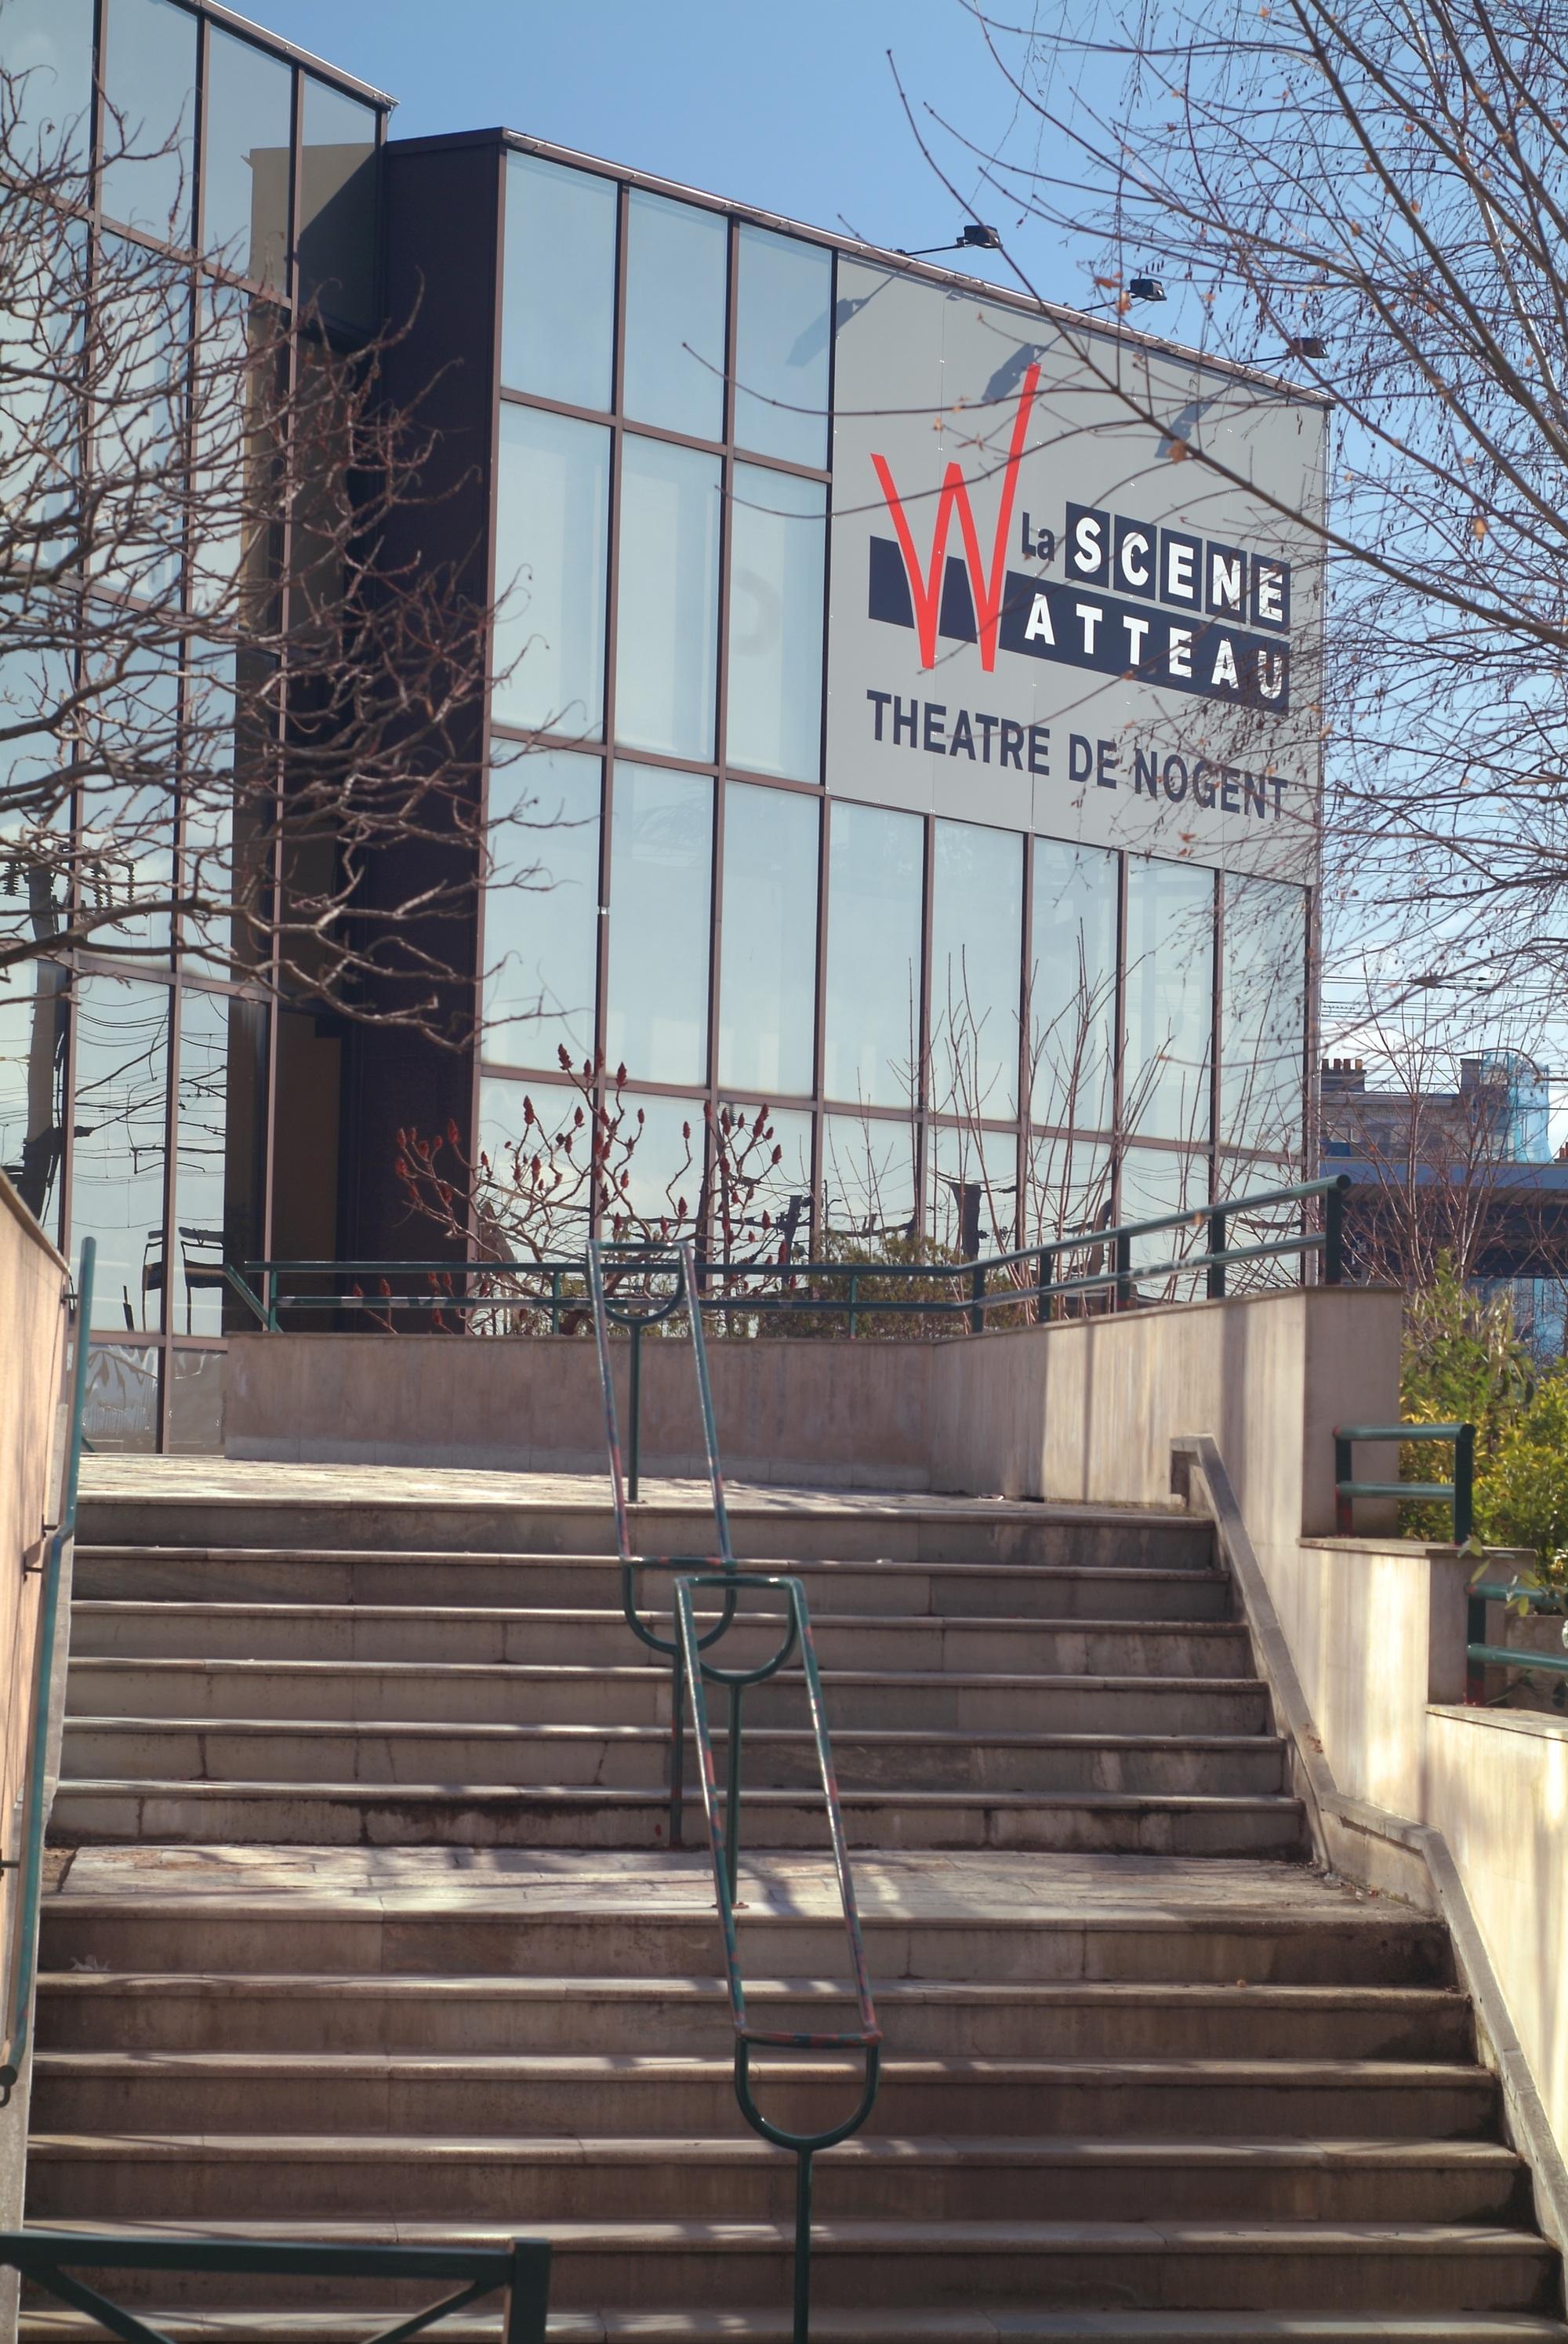 Scene-Watteau–1–03